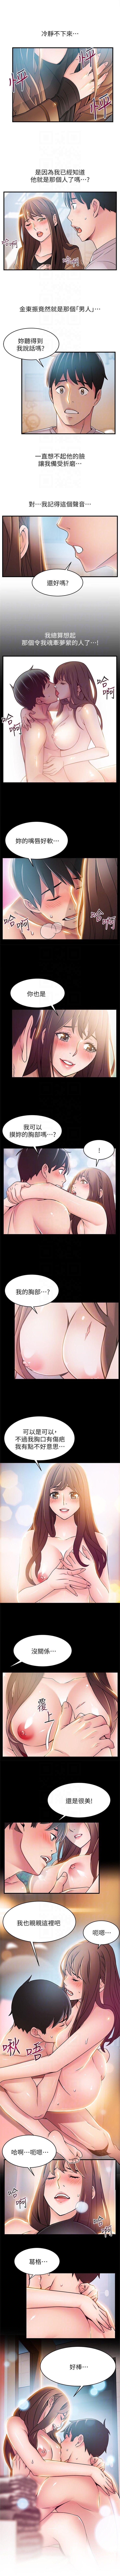 (週7)弱點 1-76 中文翻譯(更新中) 233